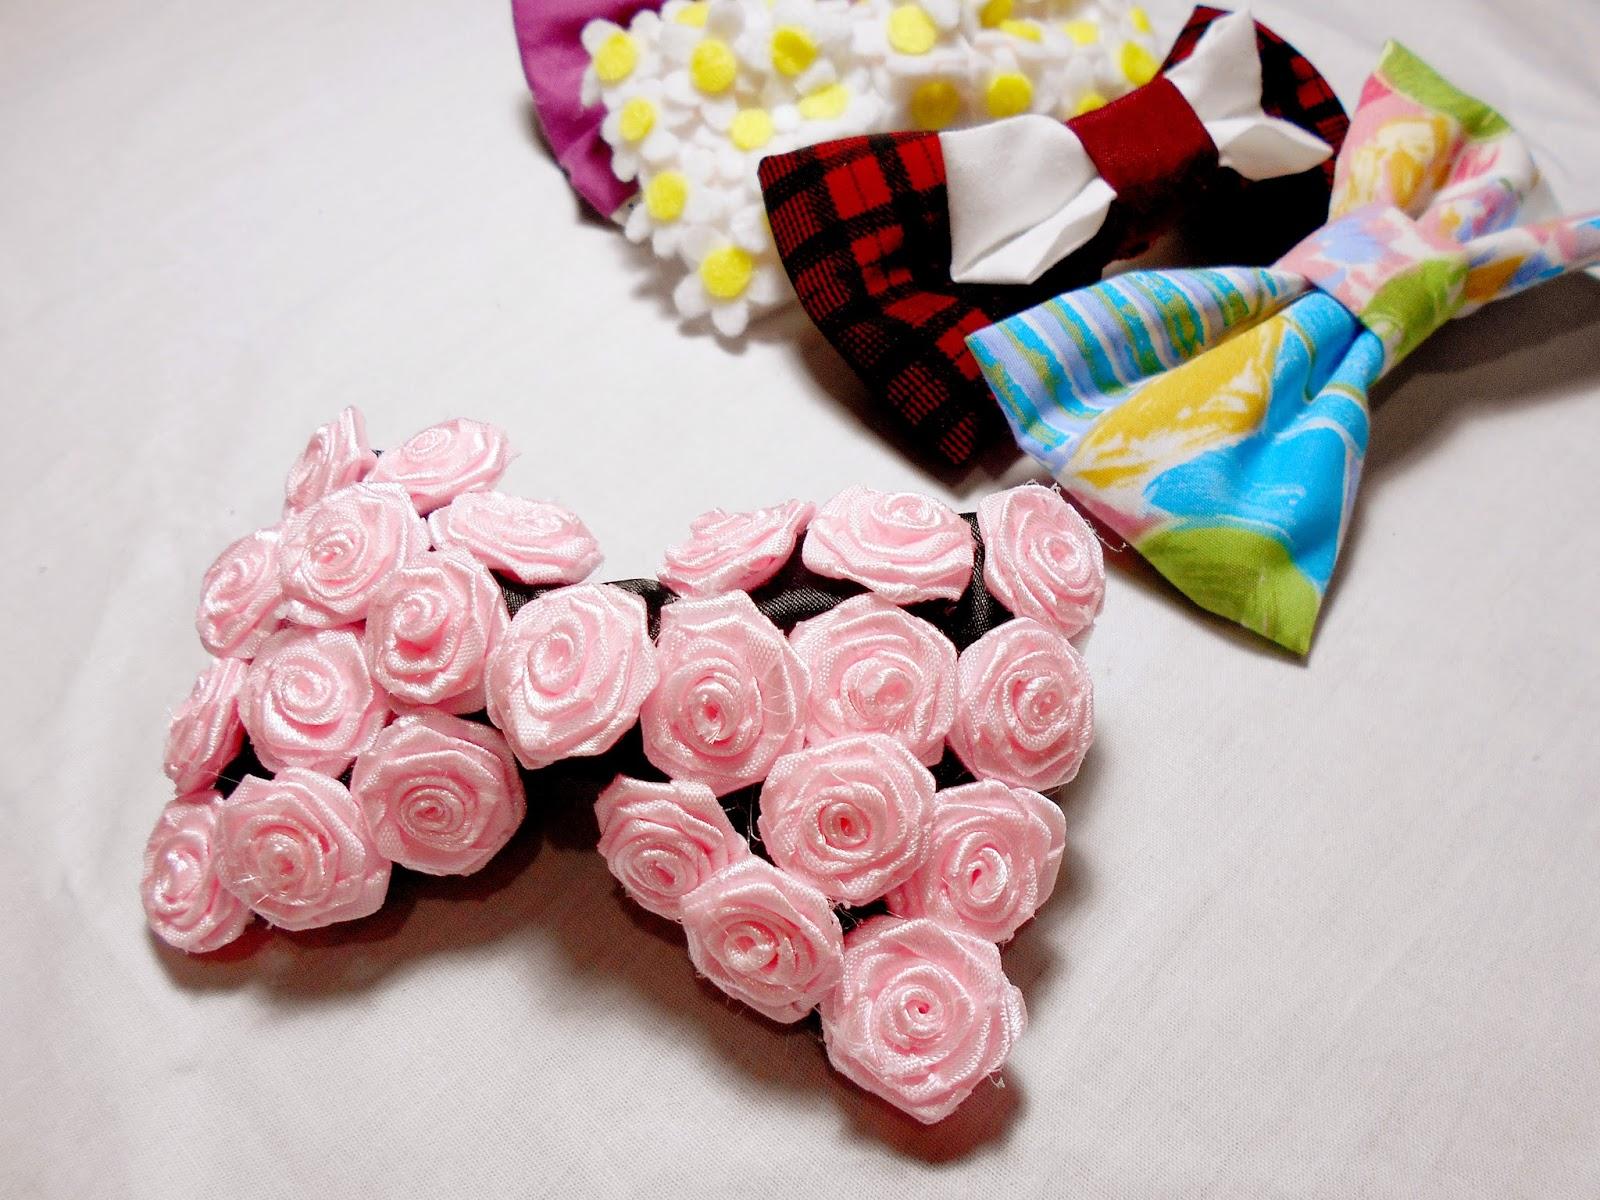 DIY hair bows - rose bow